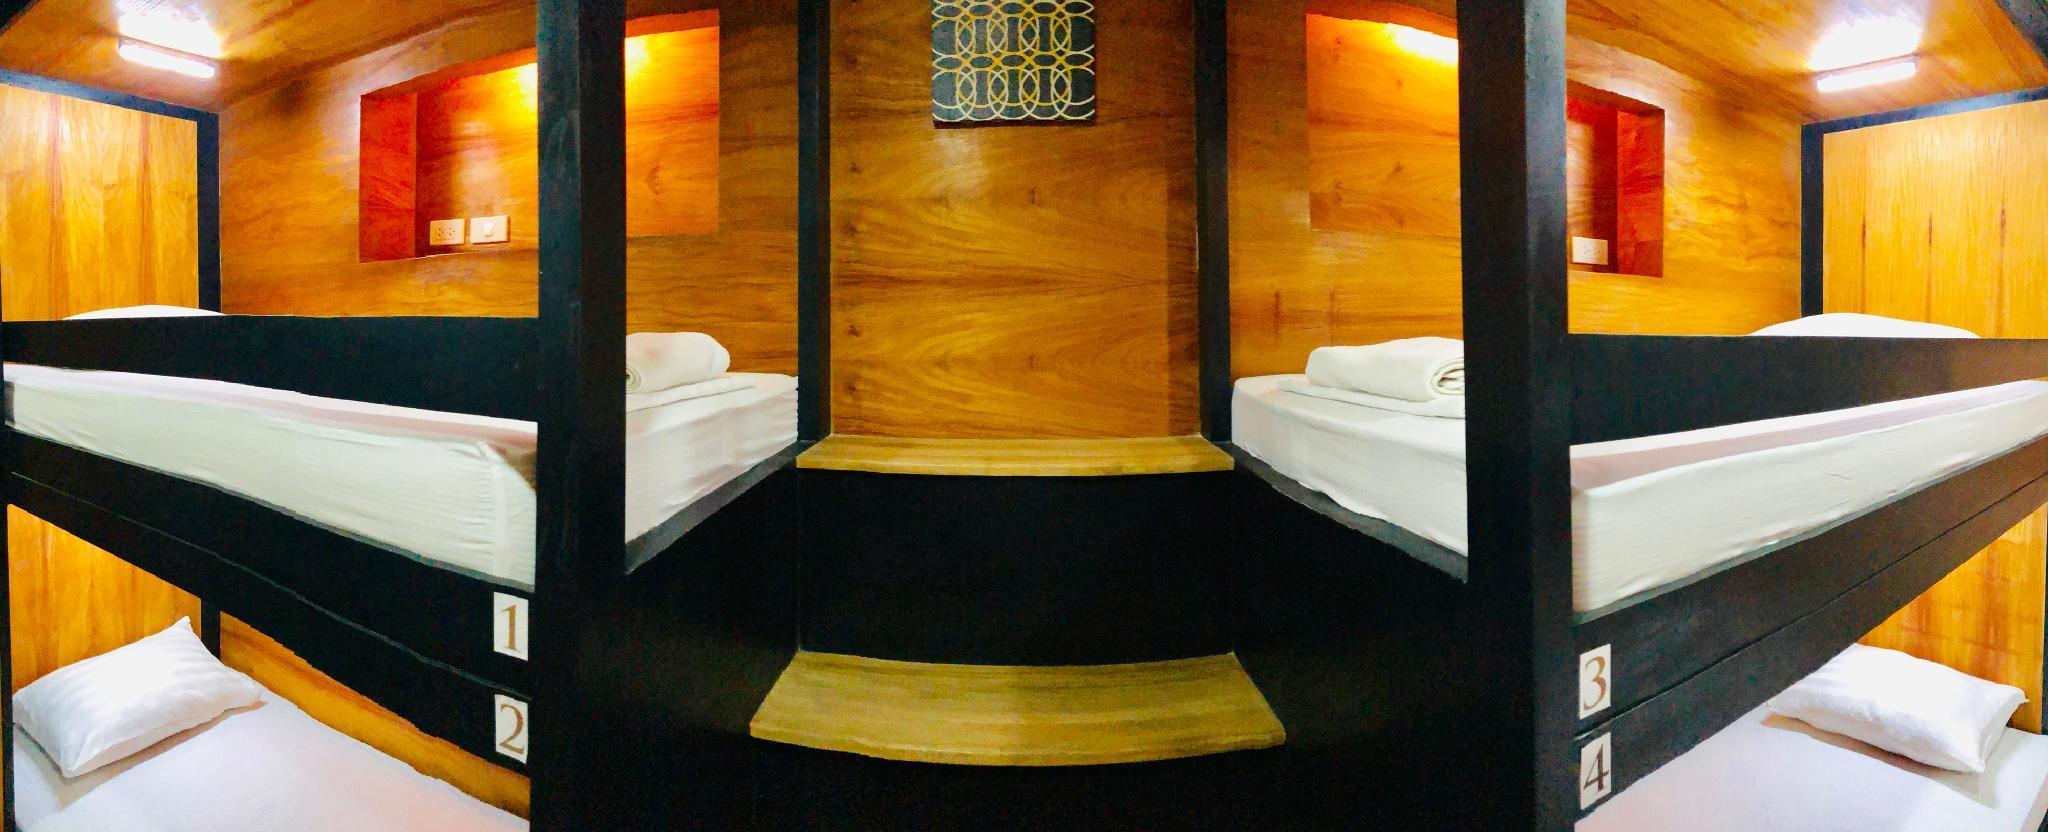 Cebu Podshare By Golden Prince Hotel